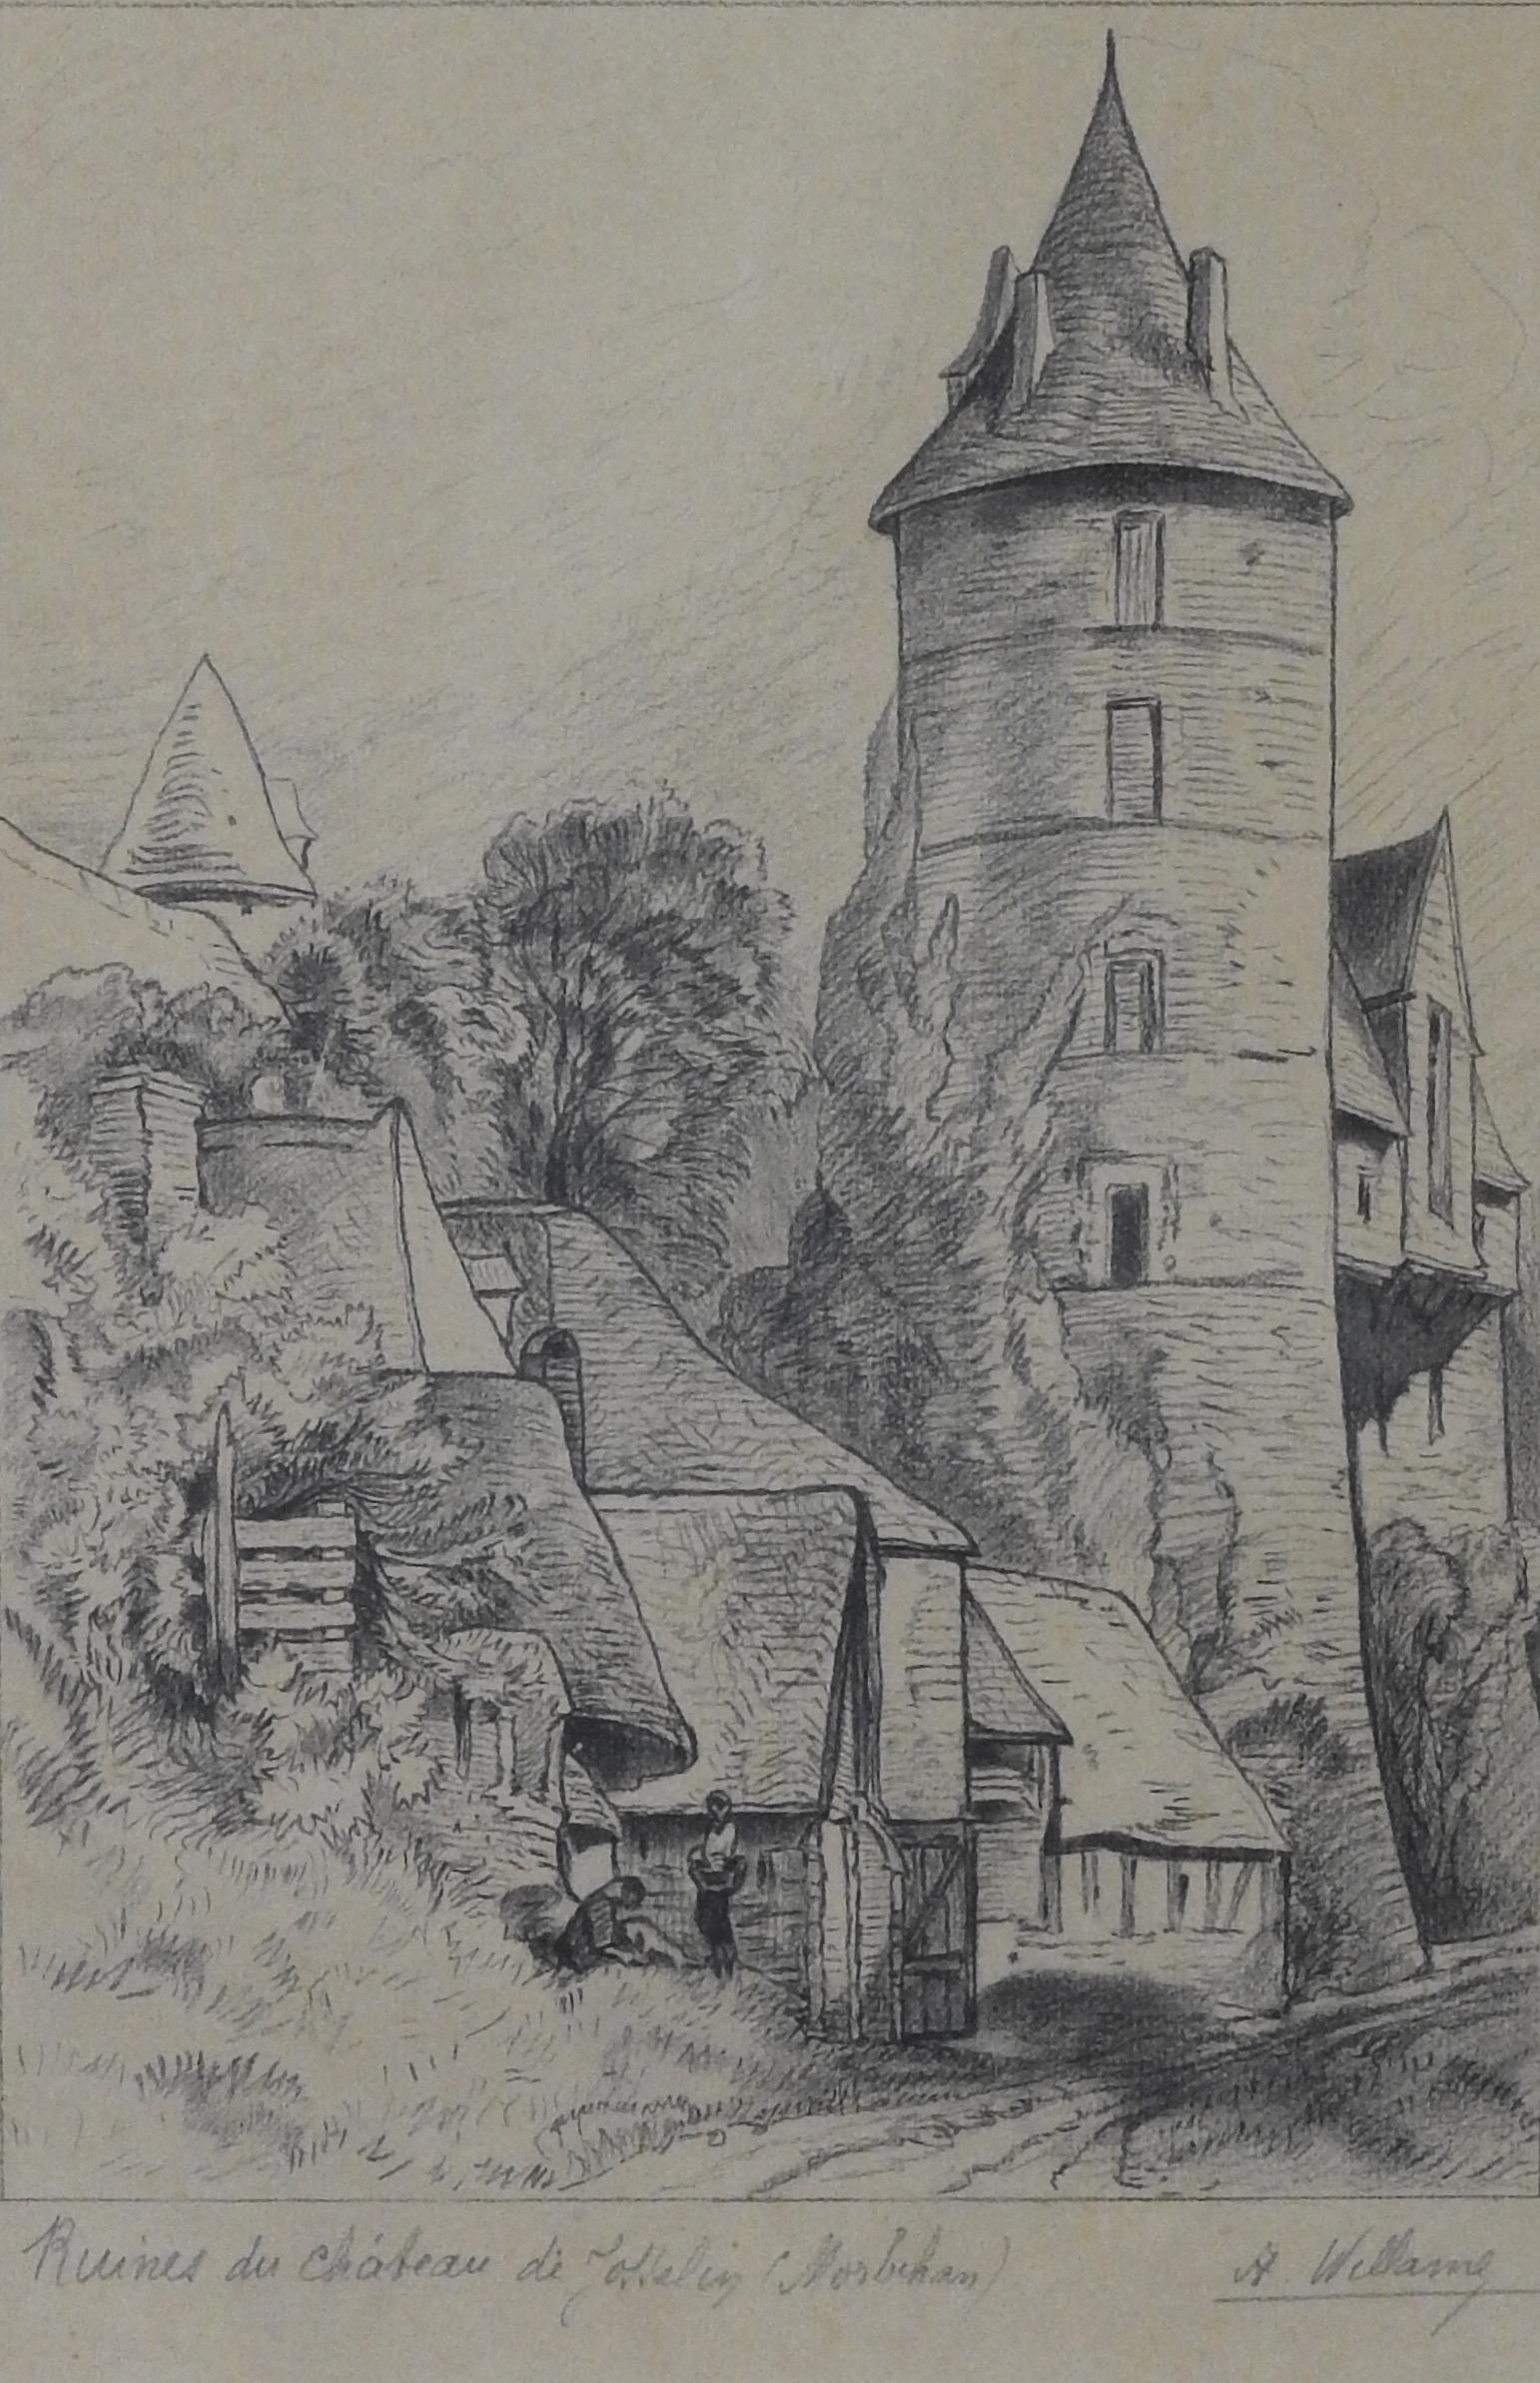 Maison En Ruine Dessin a. willame - ruine du château de josselin (morbihan